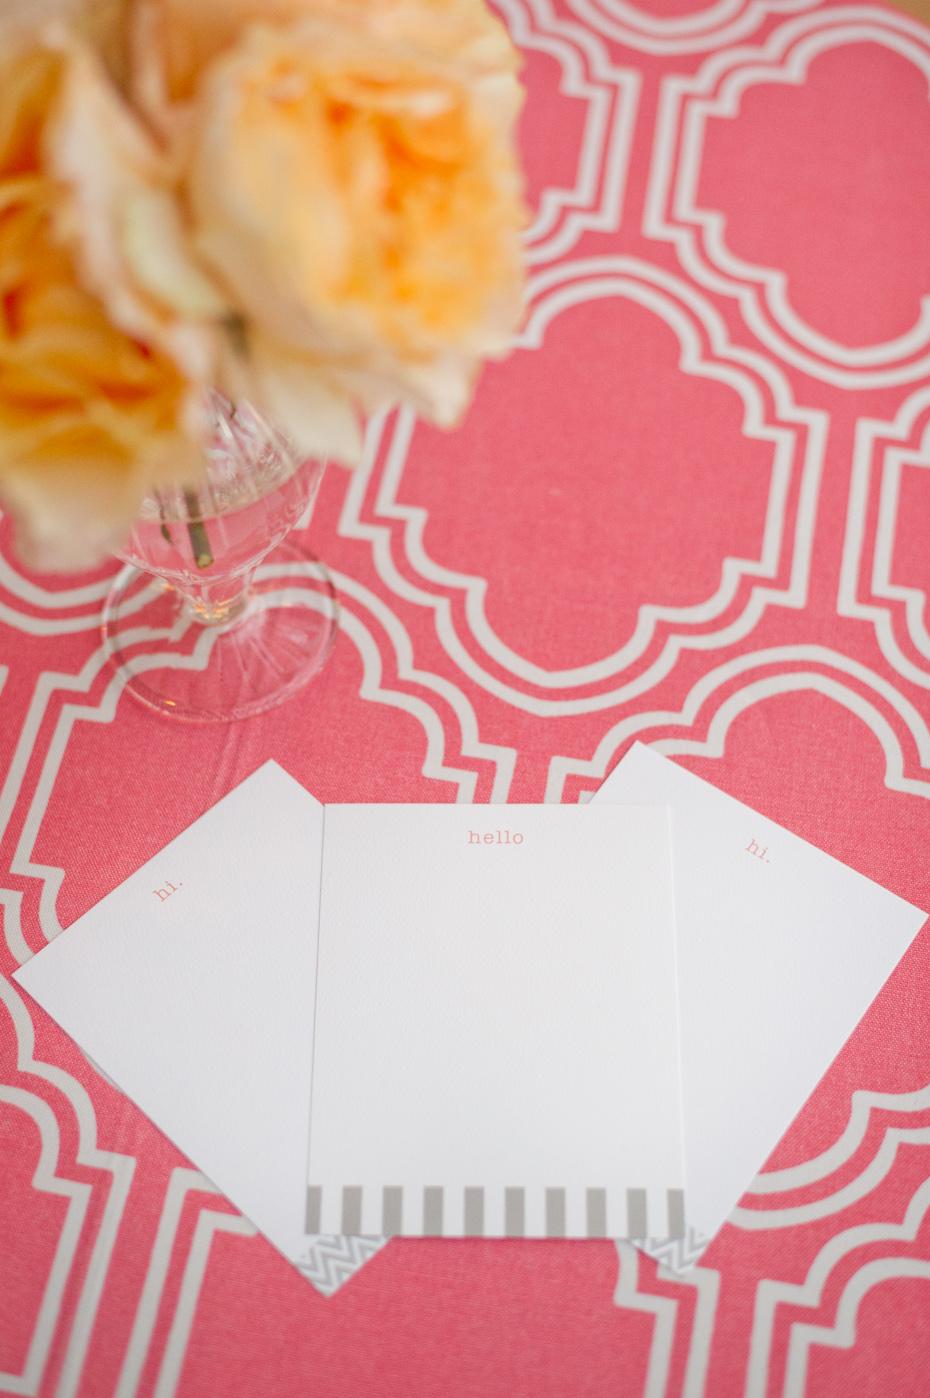 atlanta wedding stationery